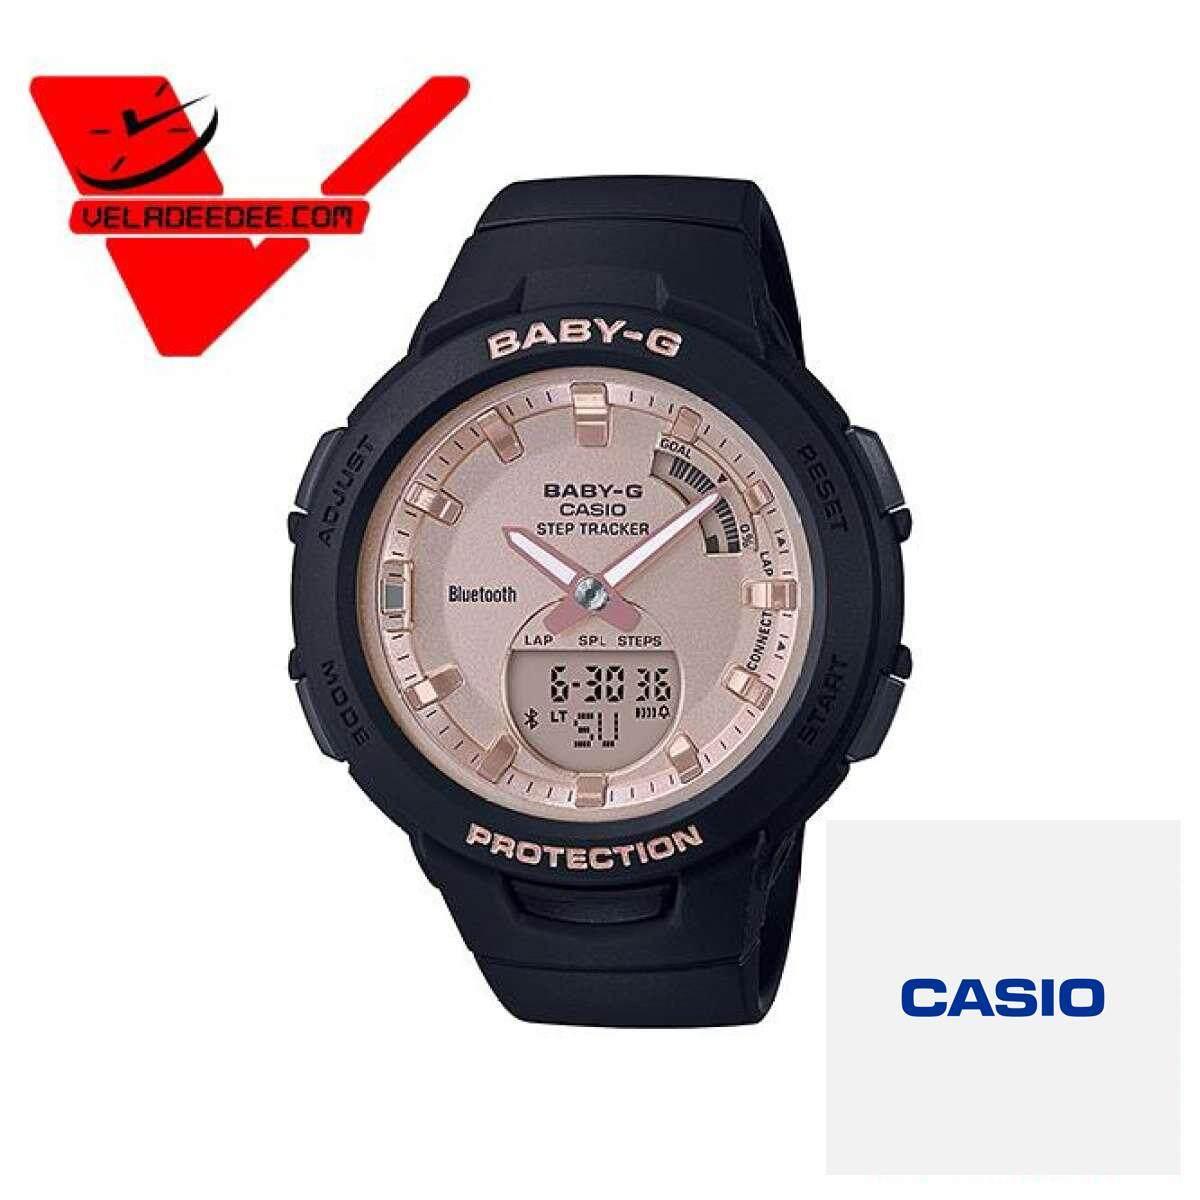 ยี่ห้อไหนดี  ตรัง Veladeedee นาฬิกา  Casio Baby-G G-SQUAD นาฬิกาข้อมือหญิง 2 ระบบ Bluetooth (ประกัน CMG ศูนย์เซ็นทรัล 1 ปี) รุ่น BSA-B100MF-7A (สีขาว) BSA-B100MF-1A (สีดำ)